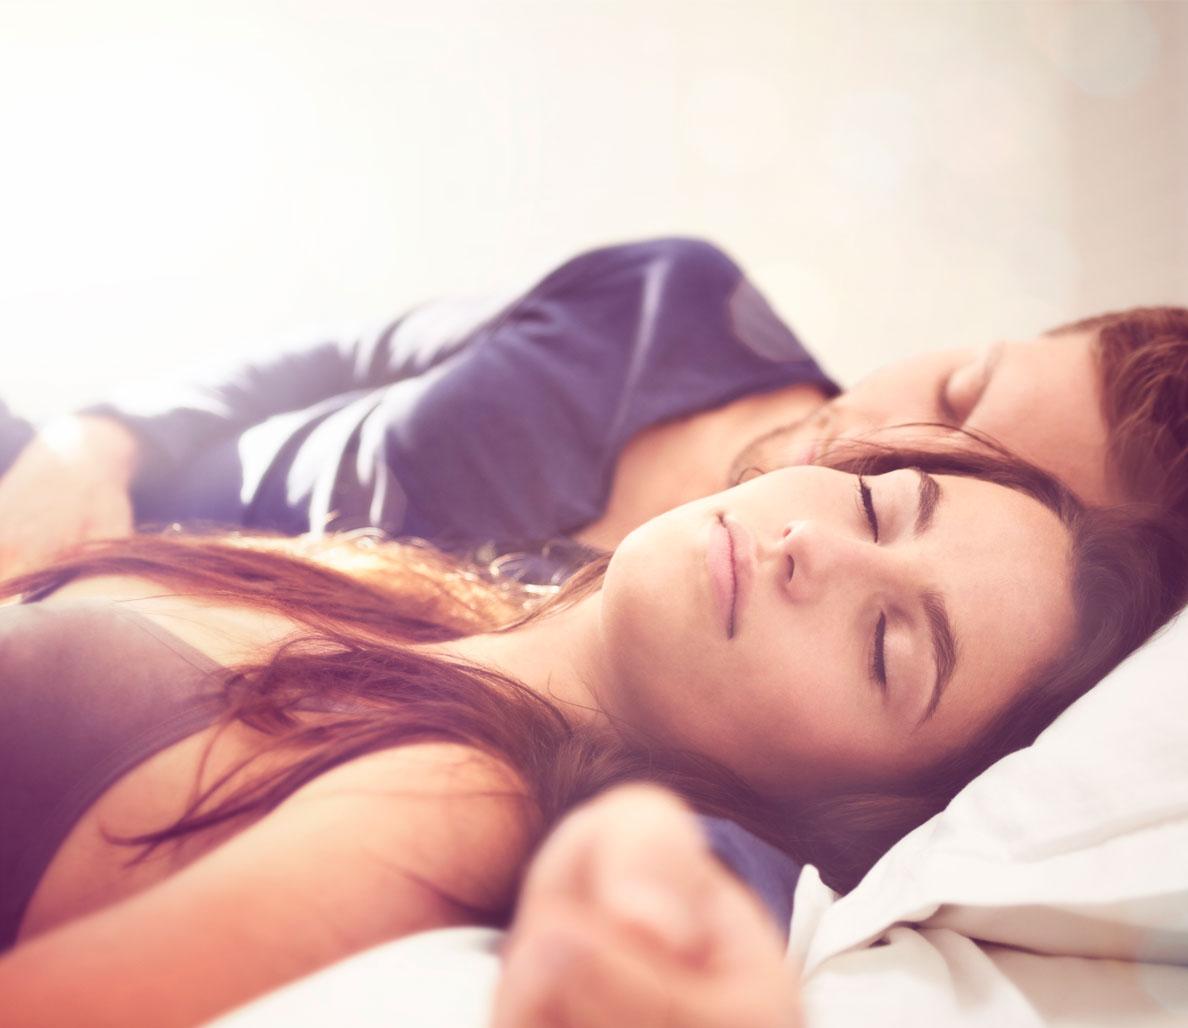 Секс когда она спит — pic 2